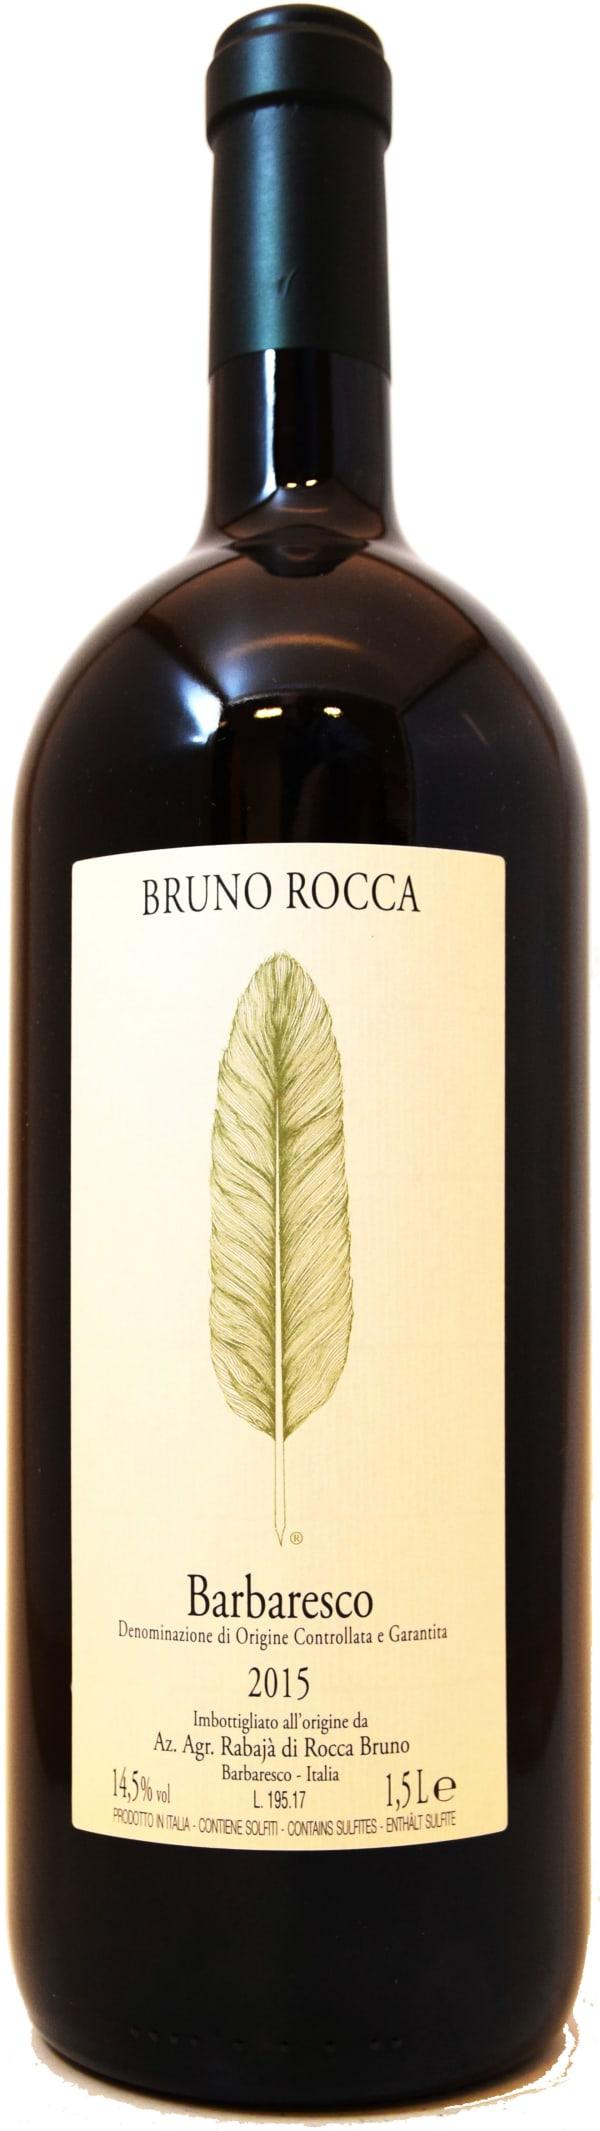 Bruno Rocca Barbaresco Magnum 2015